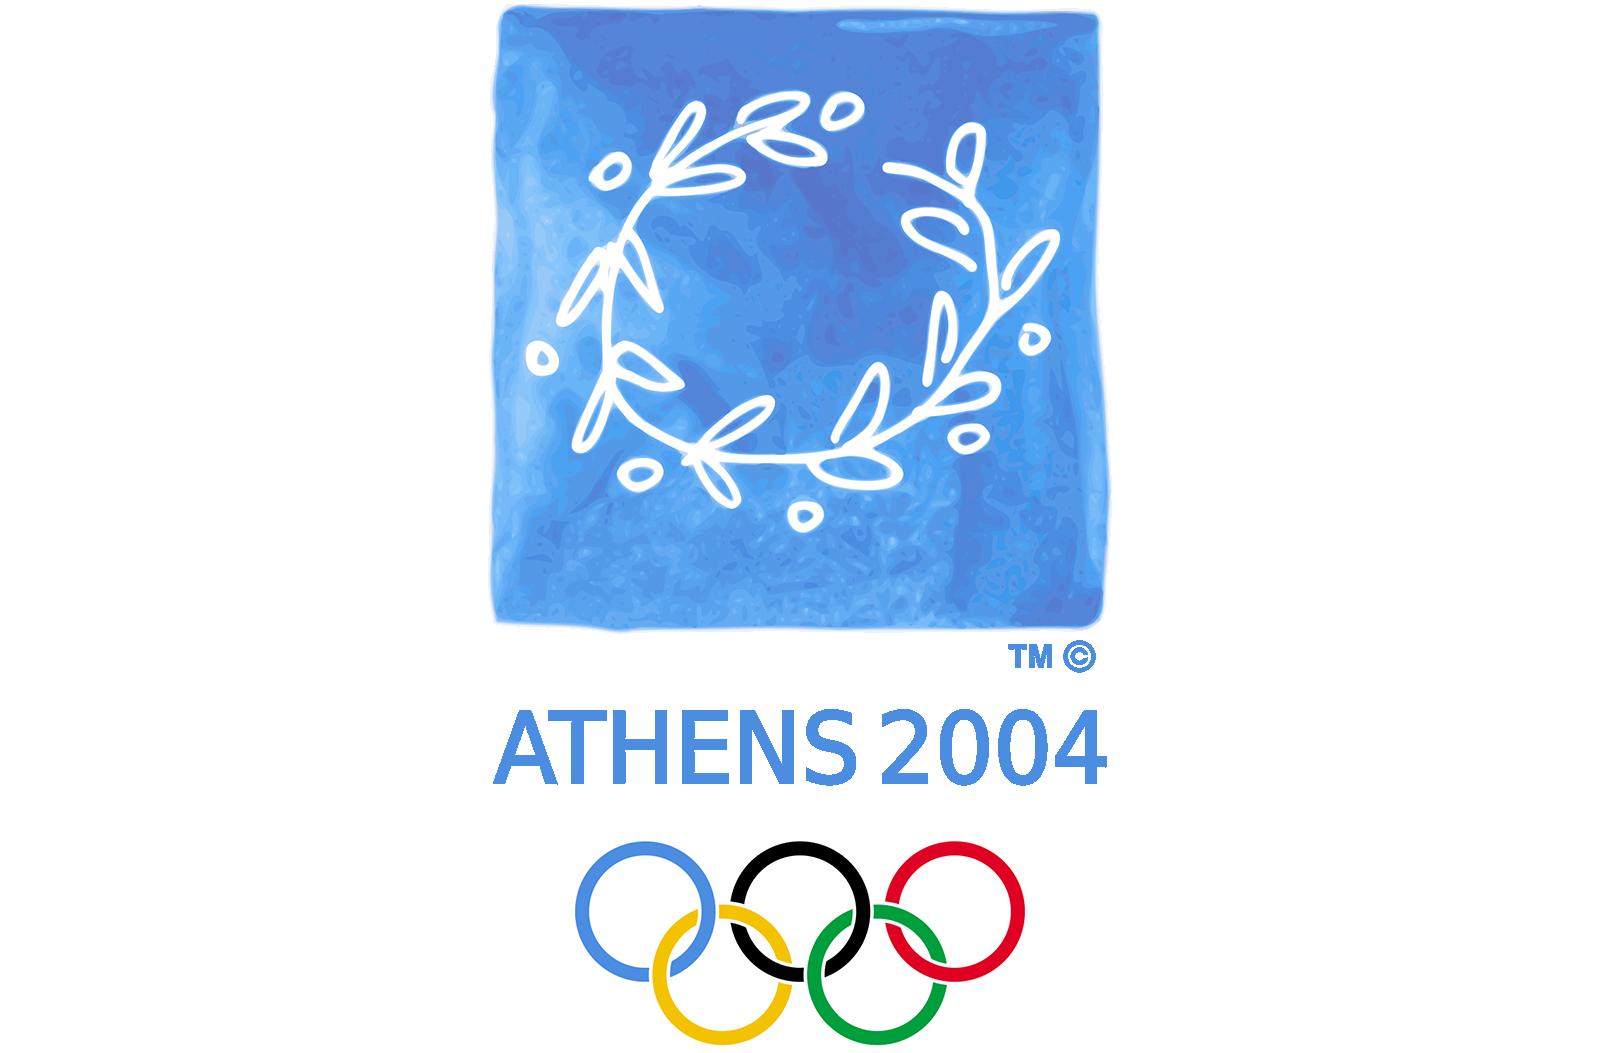 Athènes – Jeux olympiques d'été 2004